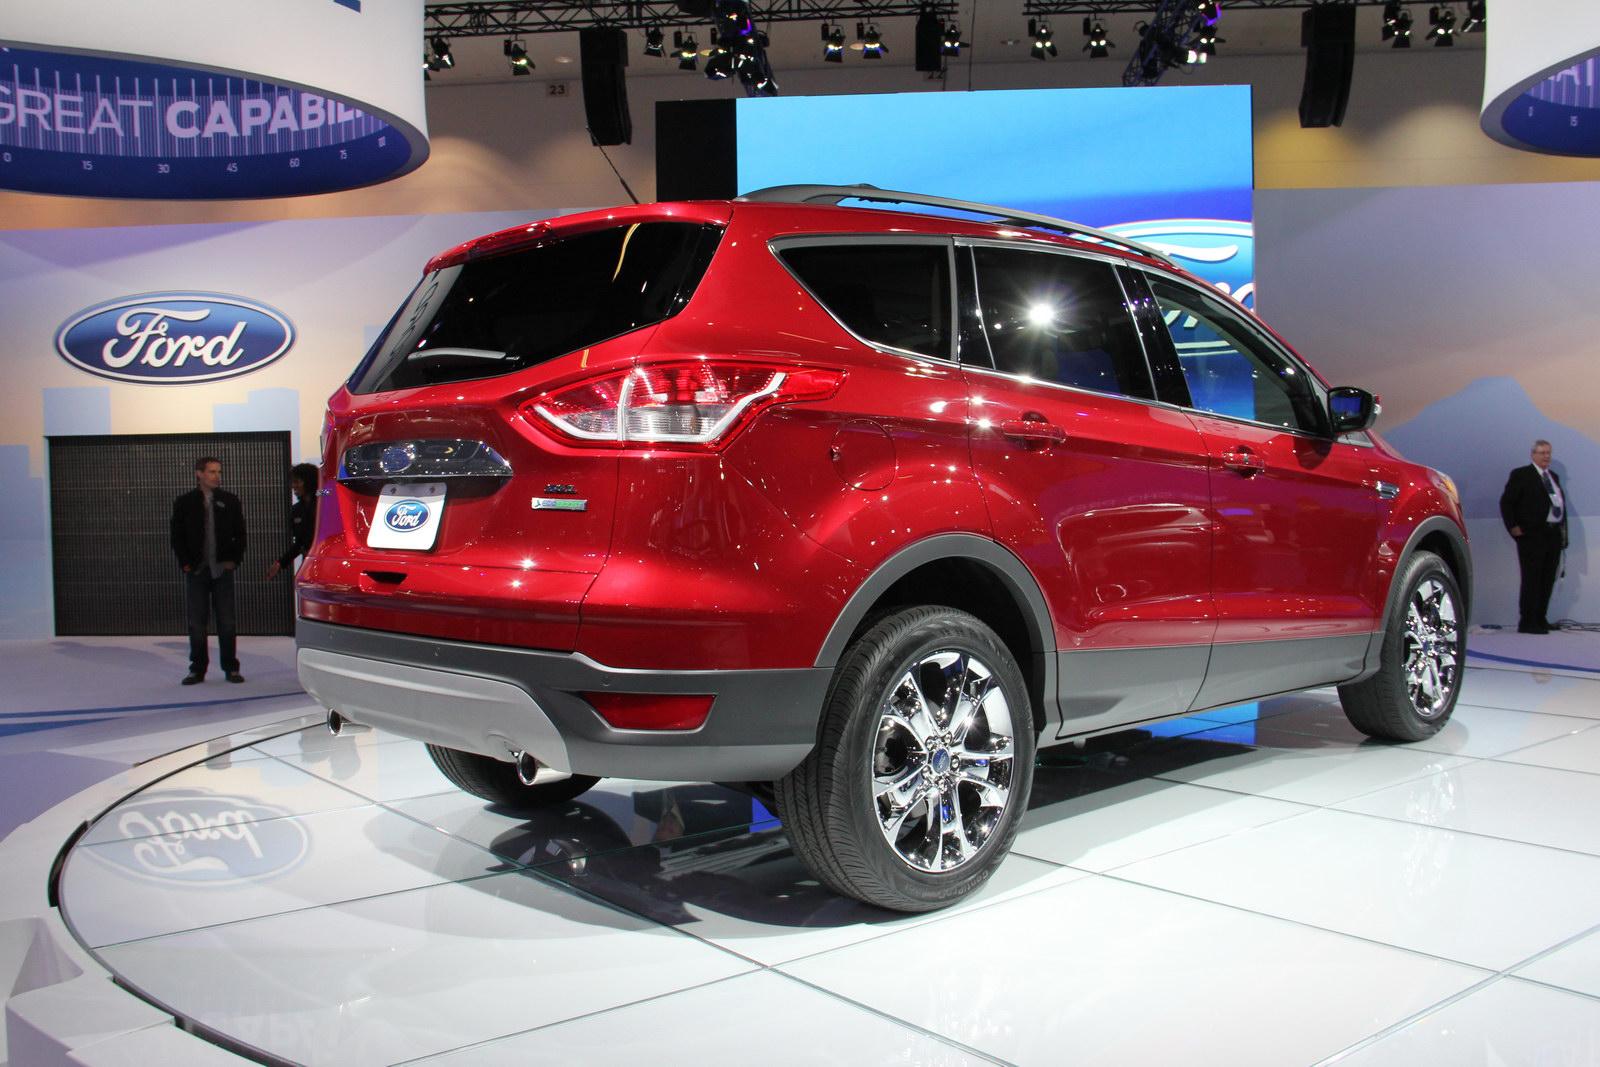 Ford Escape 2013 se ofrece con estas opciones de motor: un 2.5LTS de